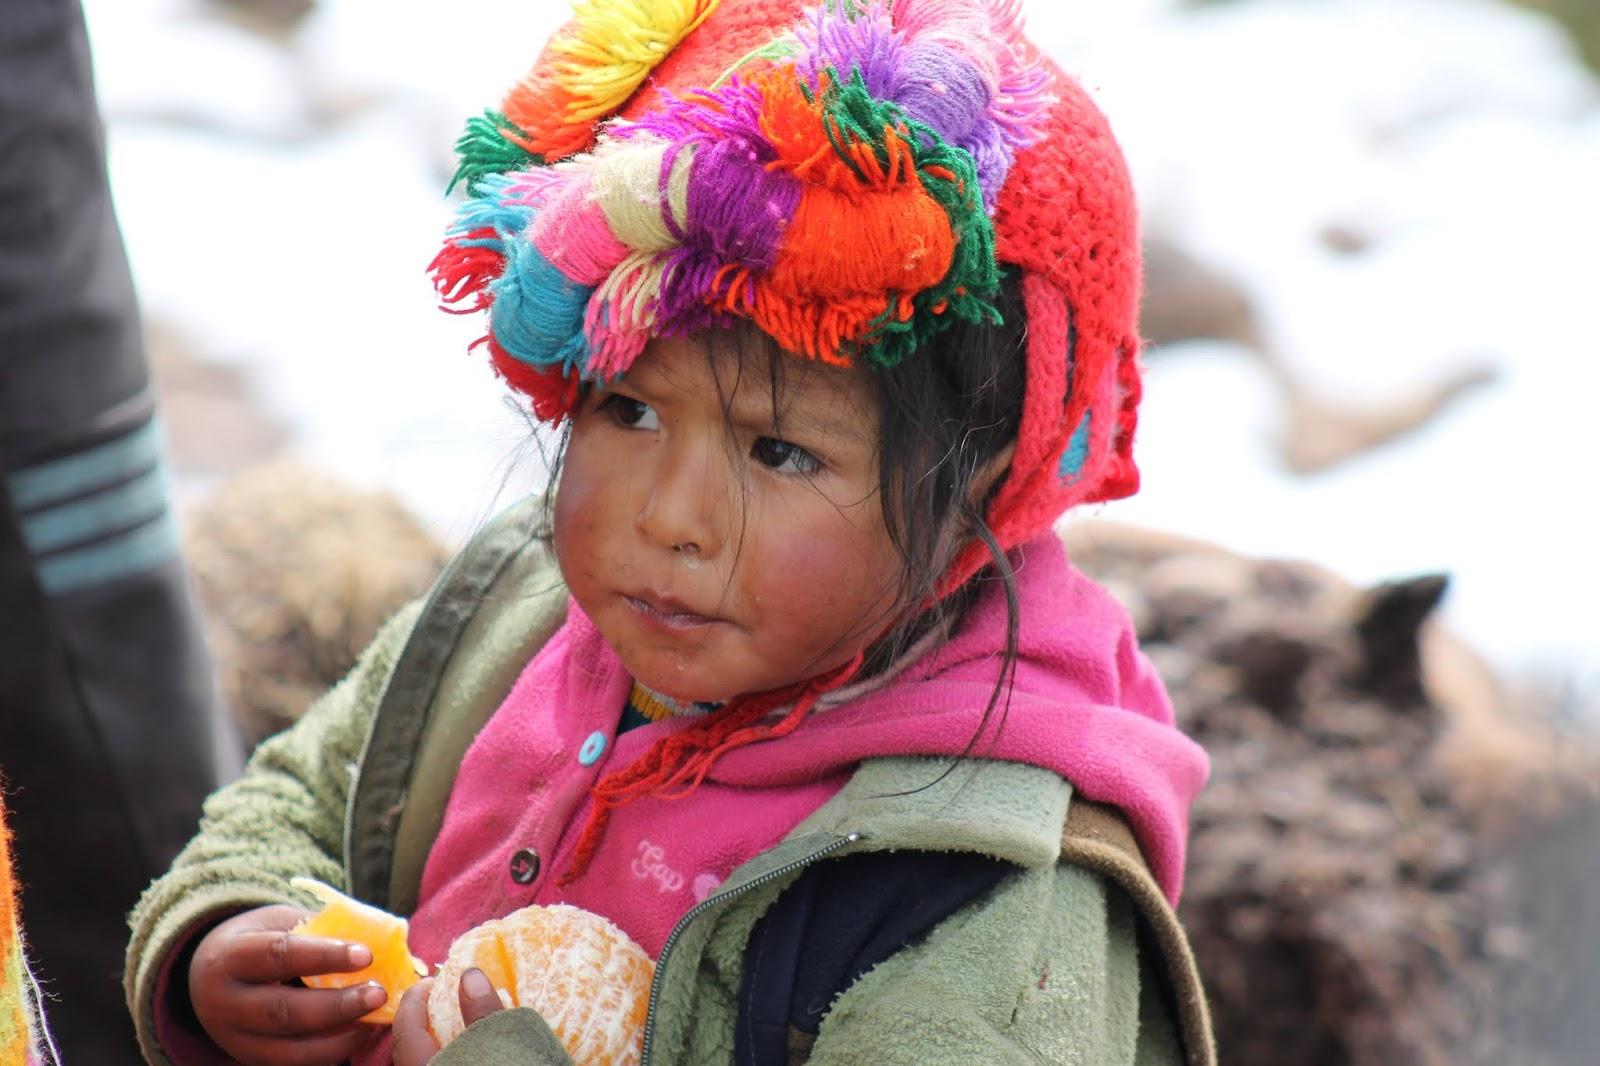 Çocukların sosyal adaptasyonunun bir parçası olarak okulöncesi çocukların emek eğitimi 25